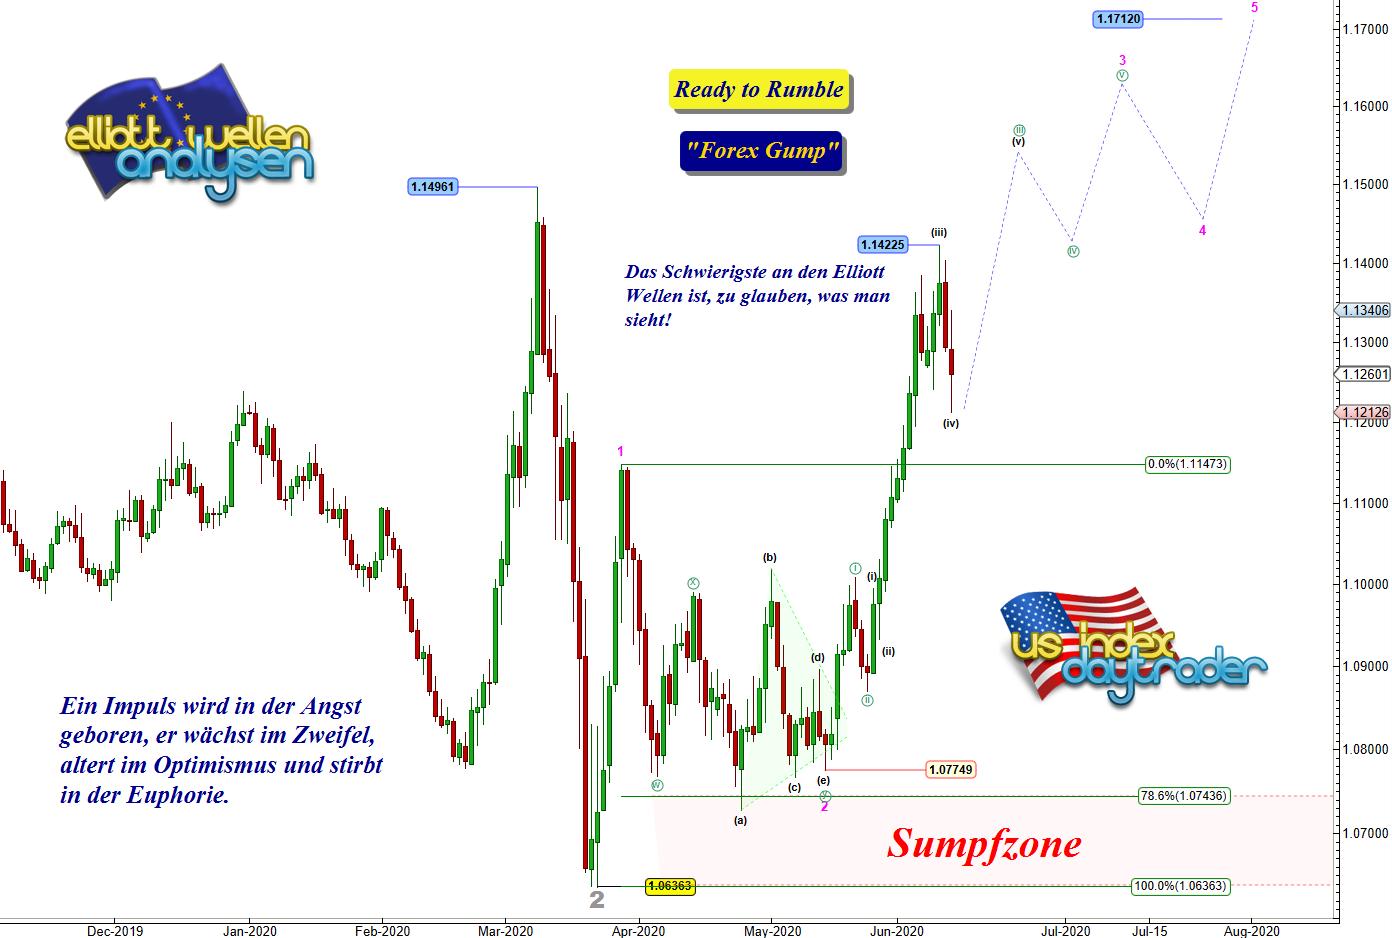 EW-Analyse-EUR-USD-Bilder-sagen-mehr-als-1000-Worte-André-Tiedje-GodmodeTrader.de-1